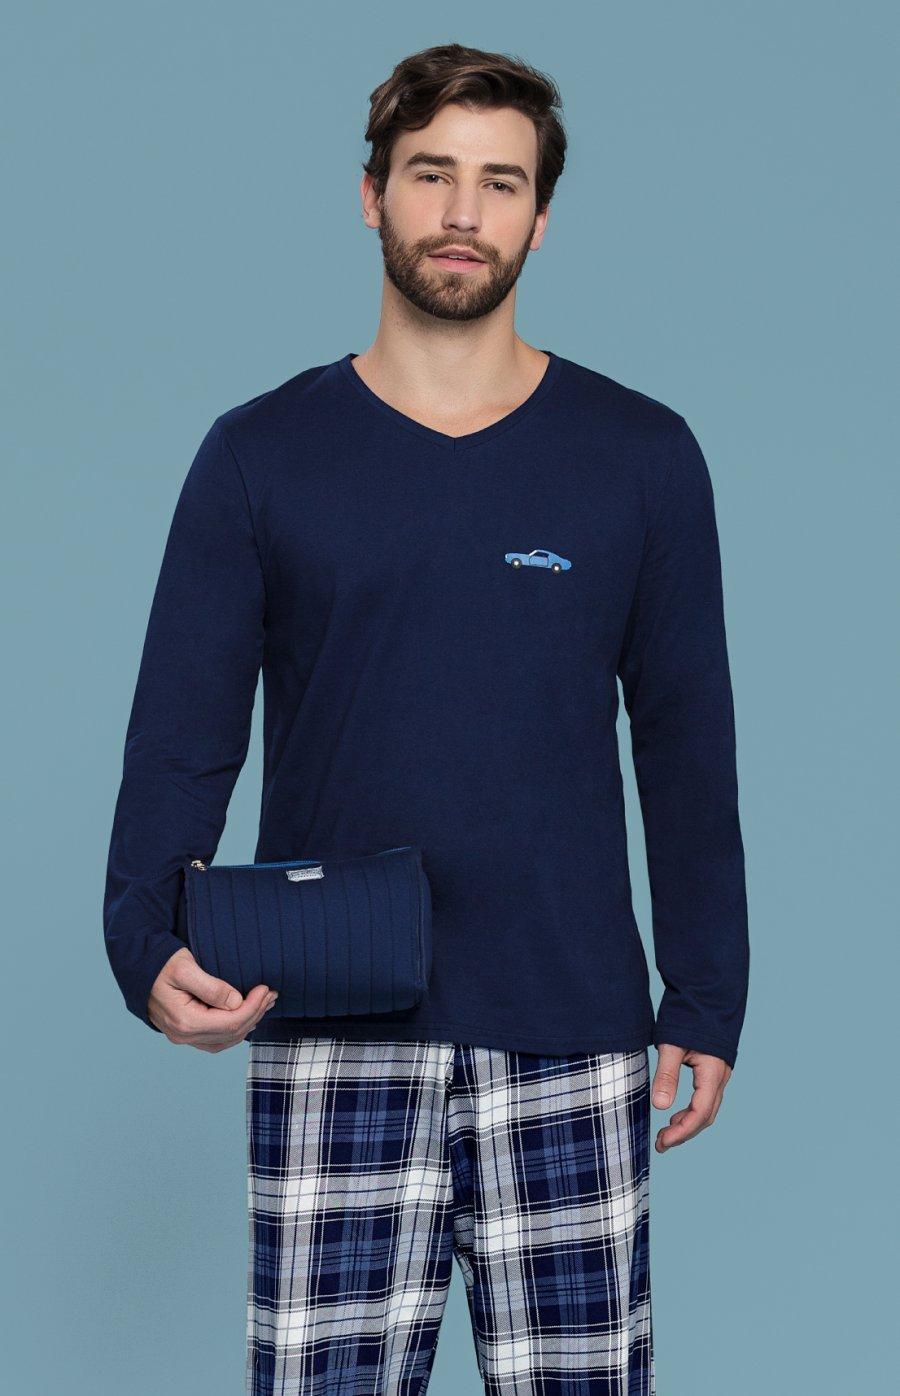 Pijama Juvenil 100% Algodão Sky Inverno PROMO